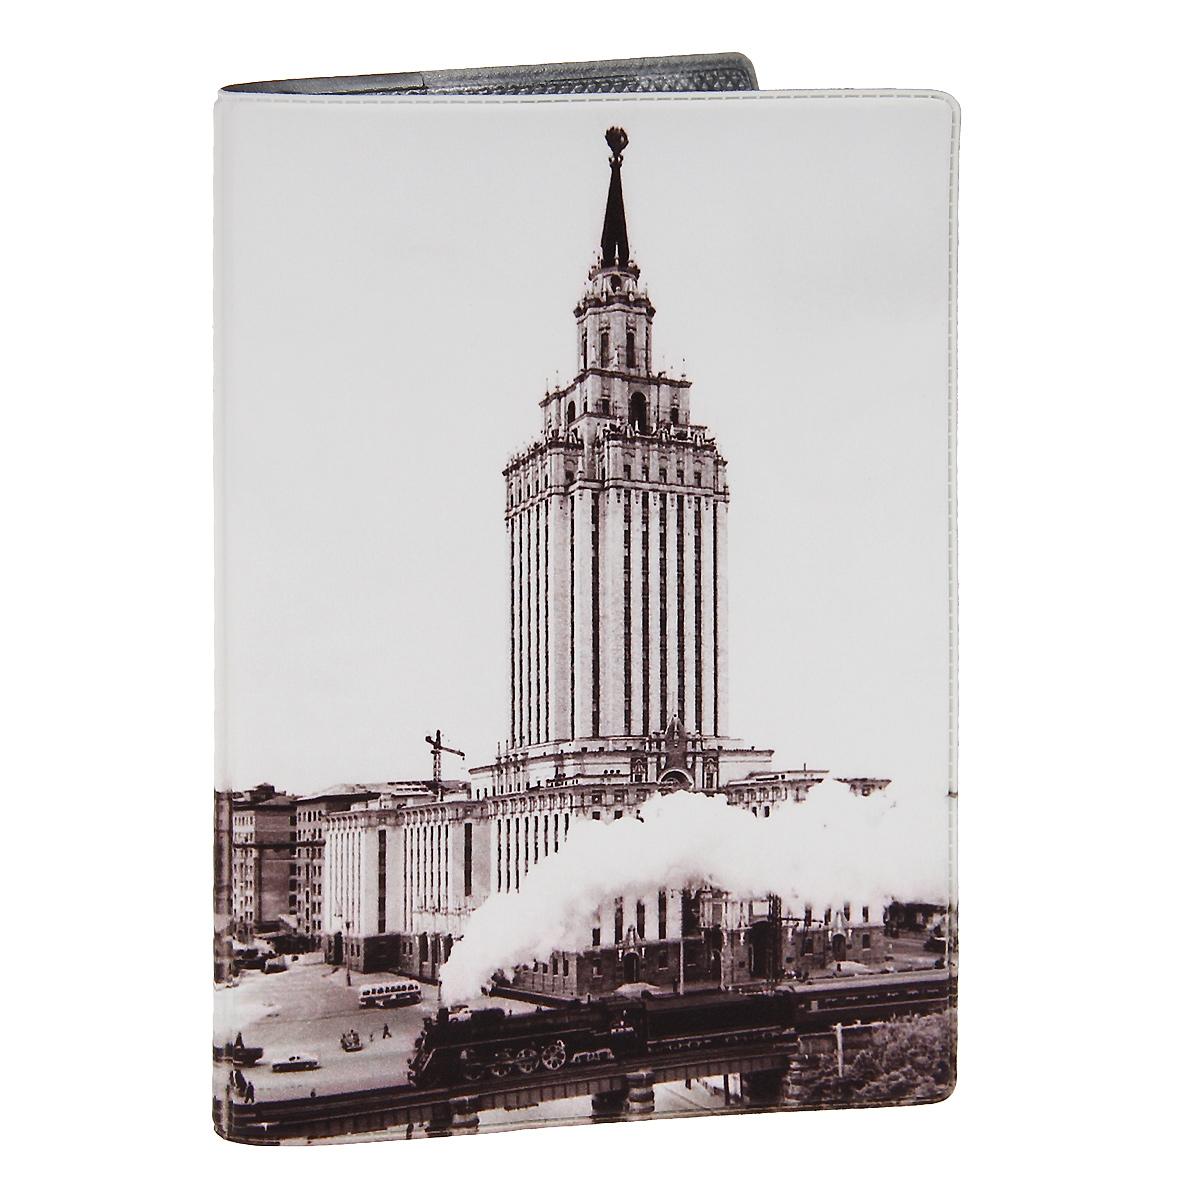 Обложка для паспорта Гостиница Ленинградская. OZAM283 гостиница